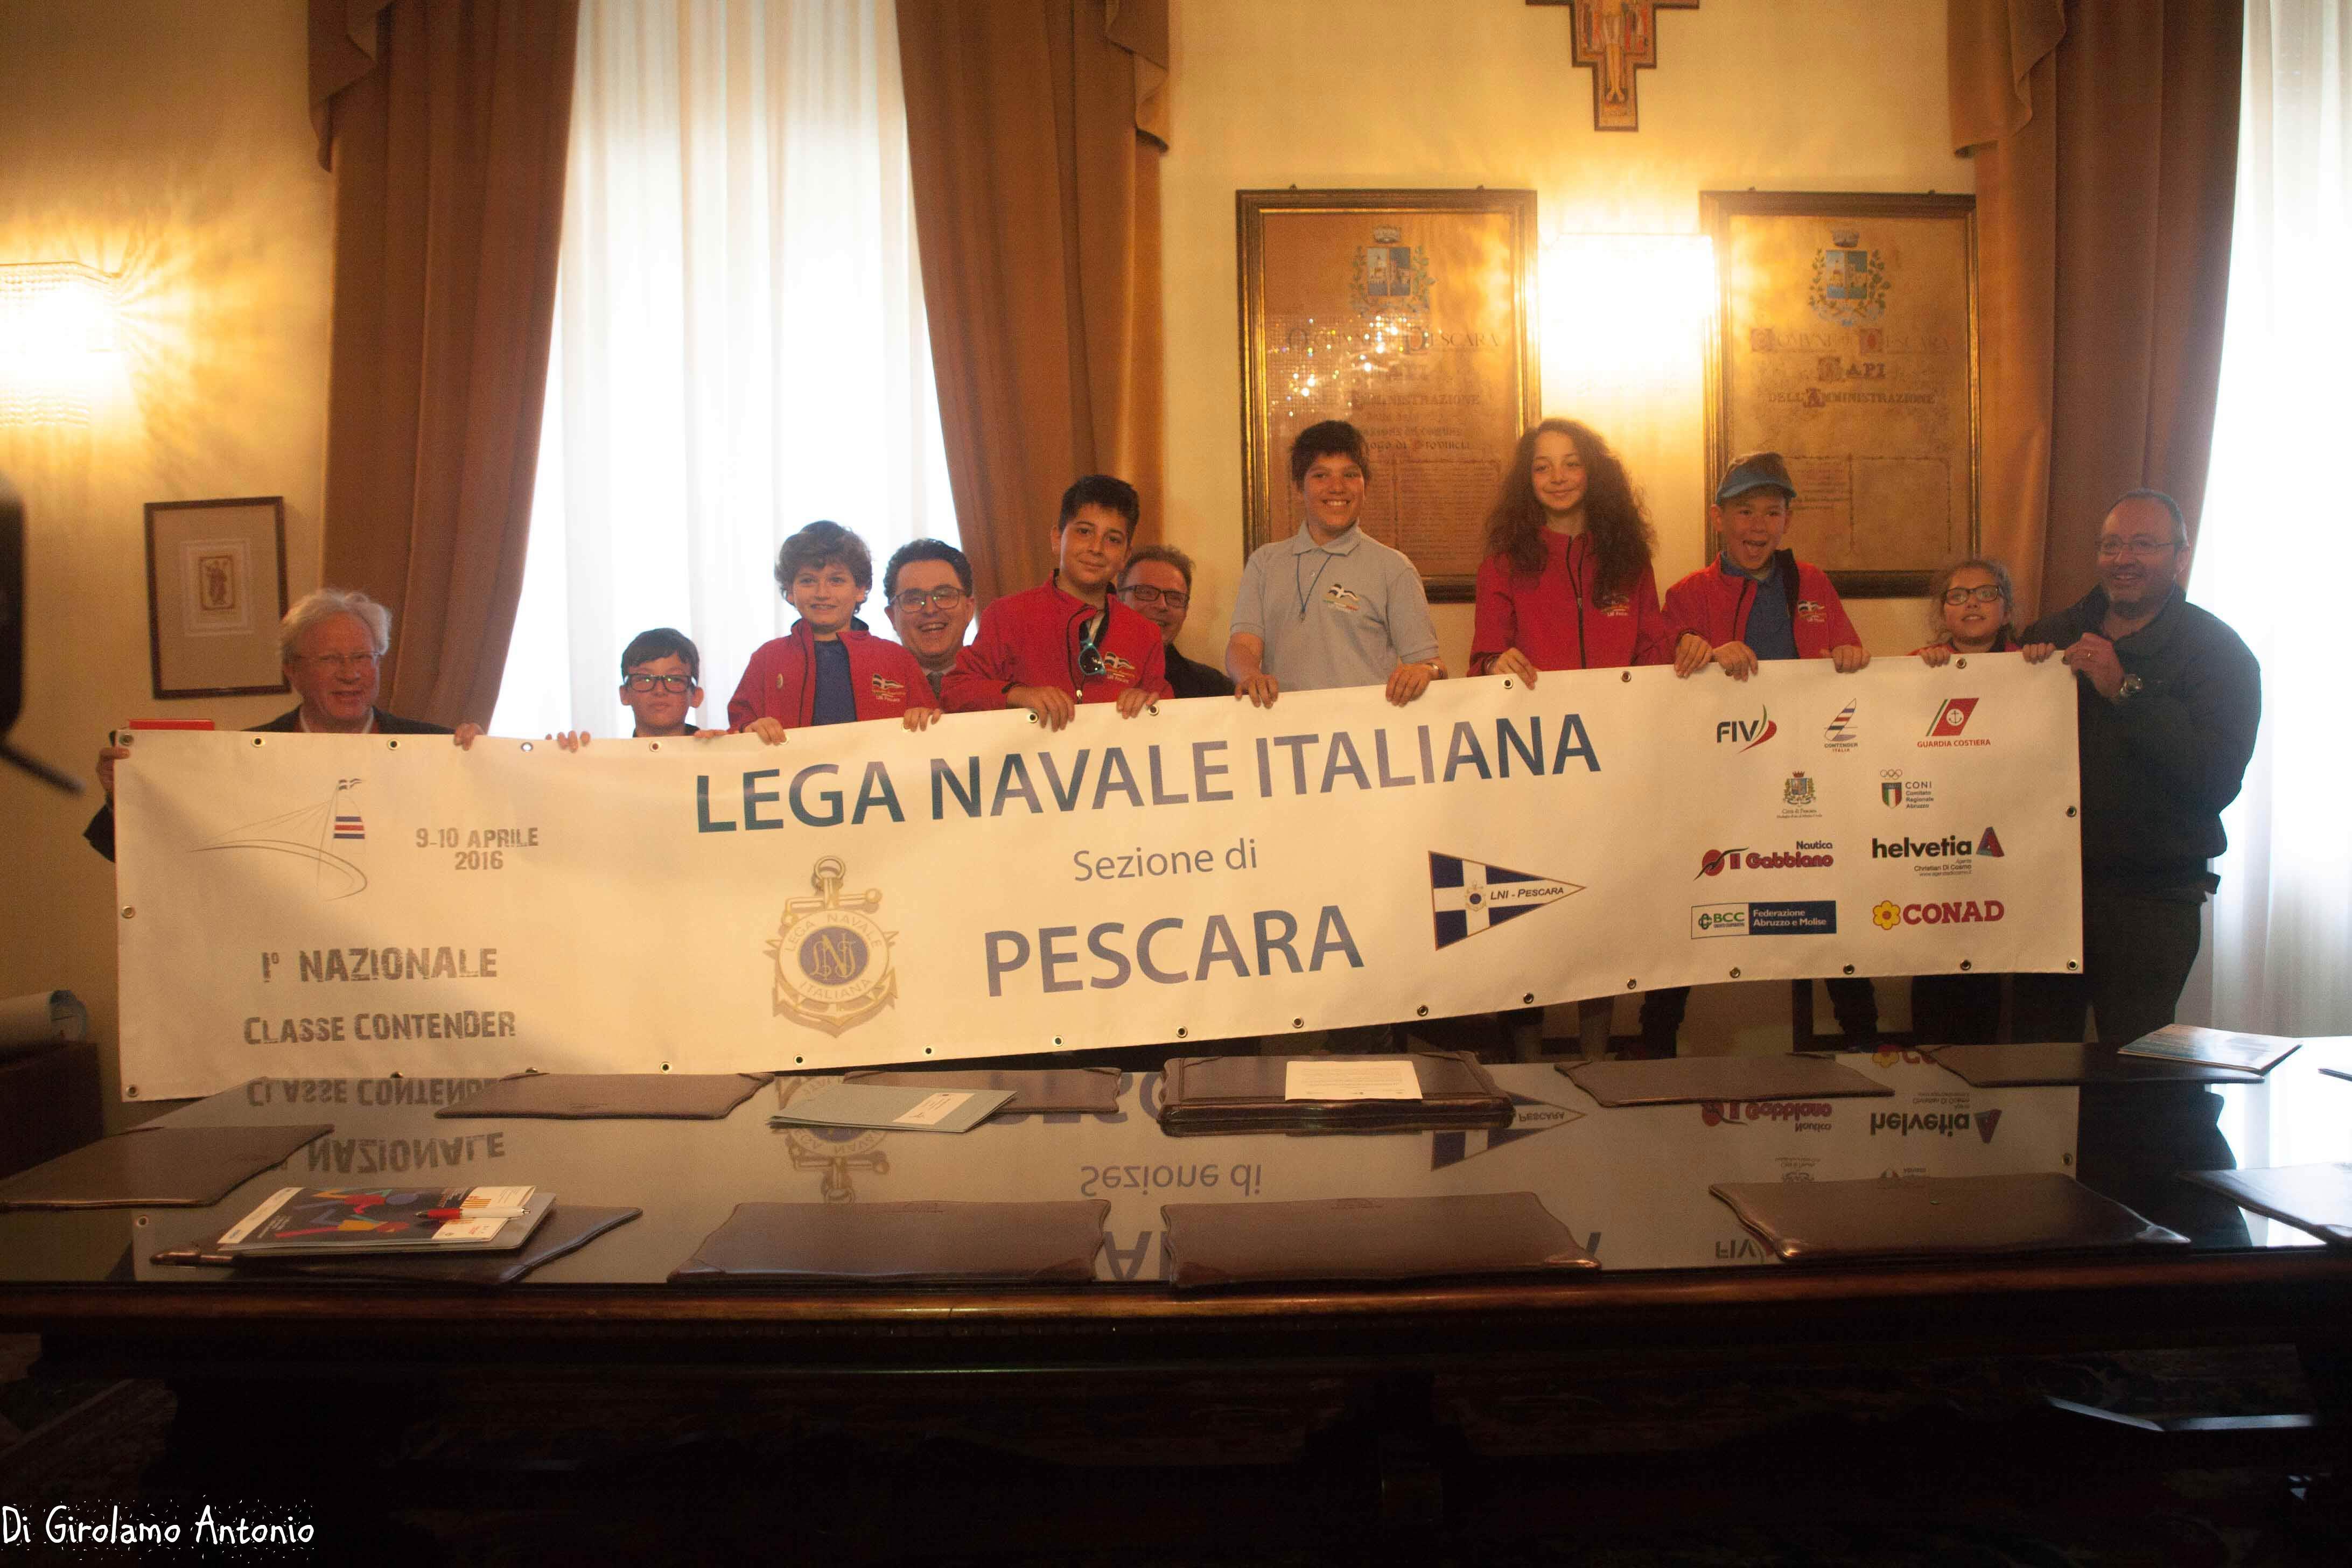 Vela, Circuito Contender sbarca a Pescara